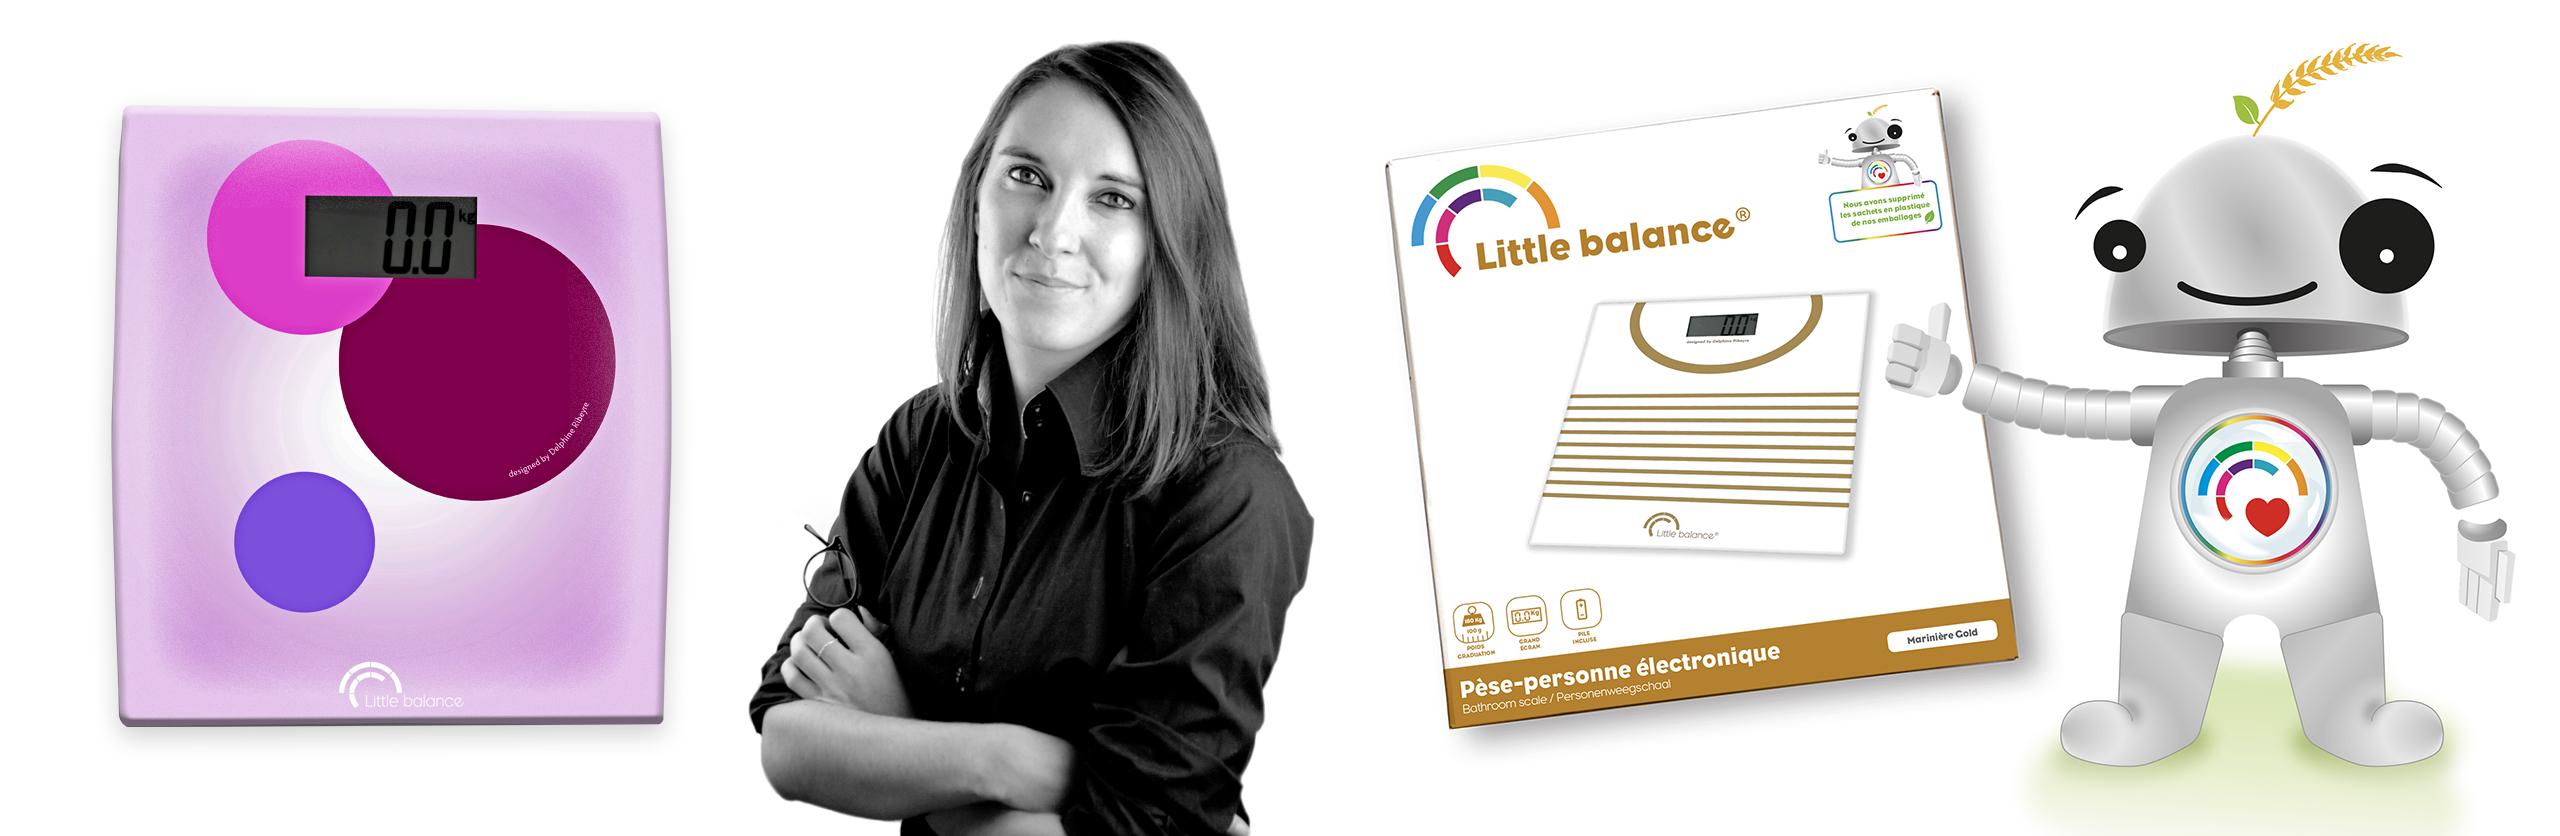 packaging Little balance avec mascotte et photo de Delphine ribeyre